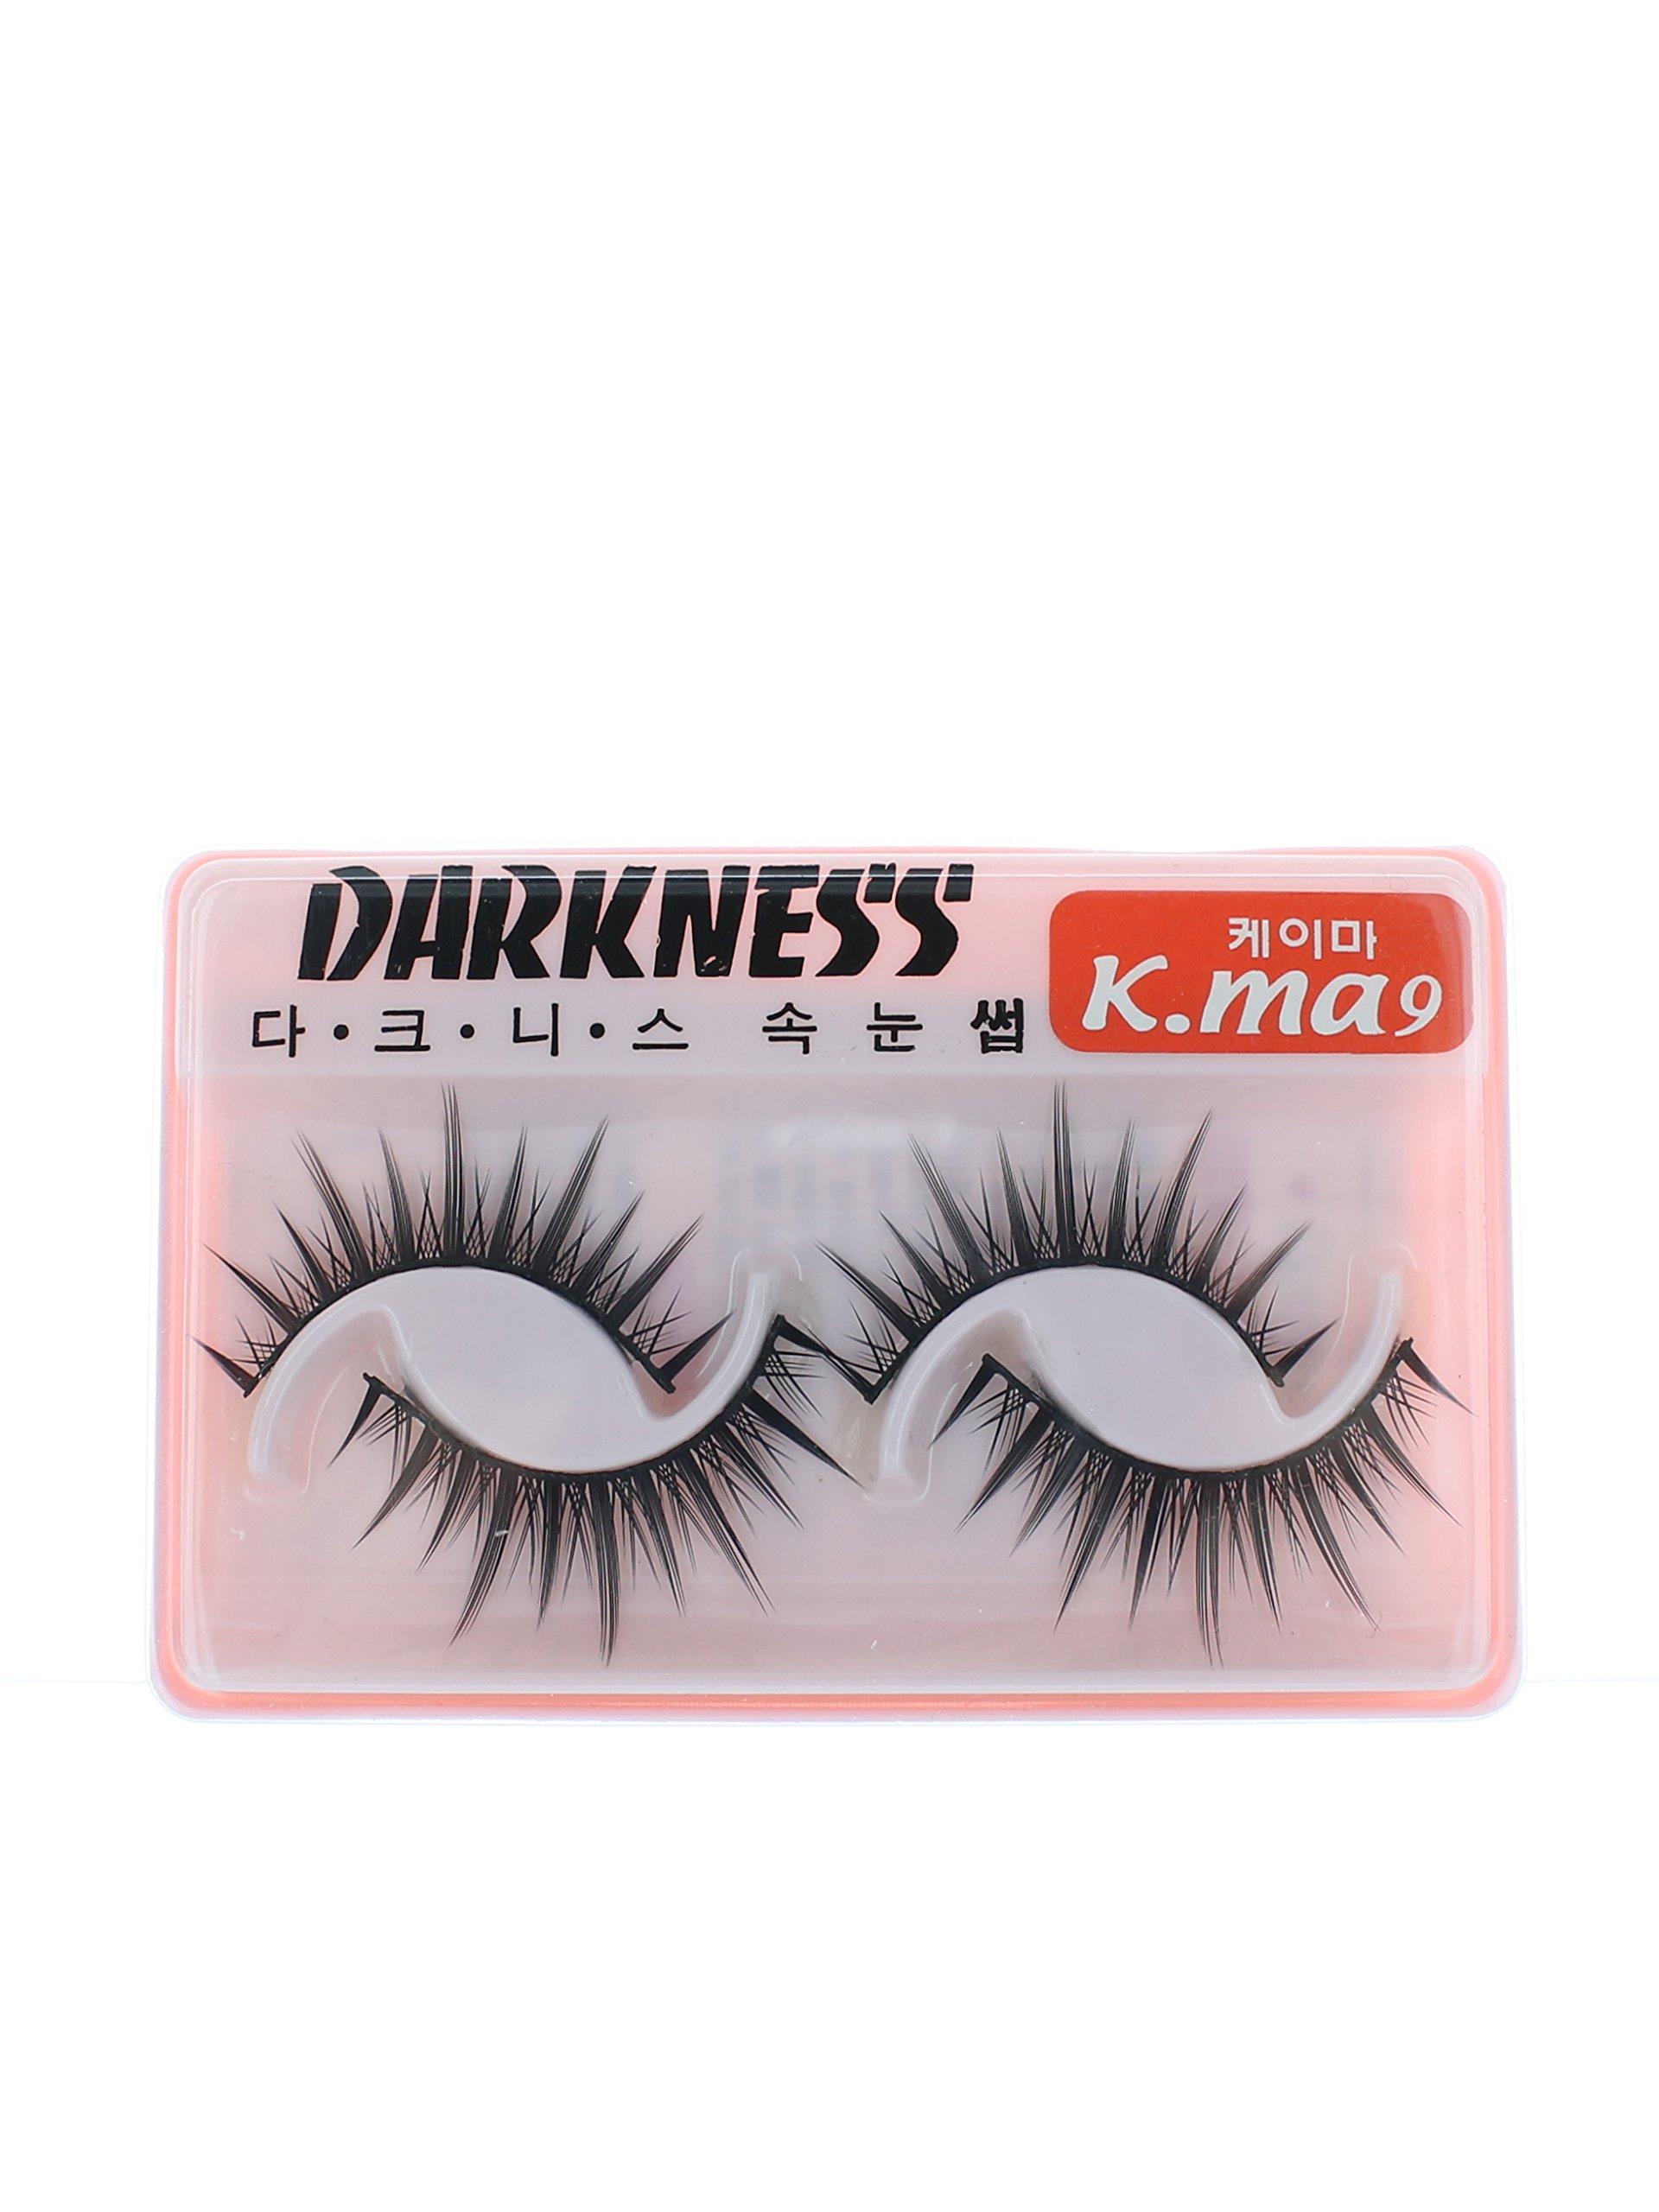 d34e03b39db Amazon.com : Darkness False Eyelashes K-Ma 9 : Fake Eyelashes And Adhesives  : Beauty